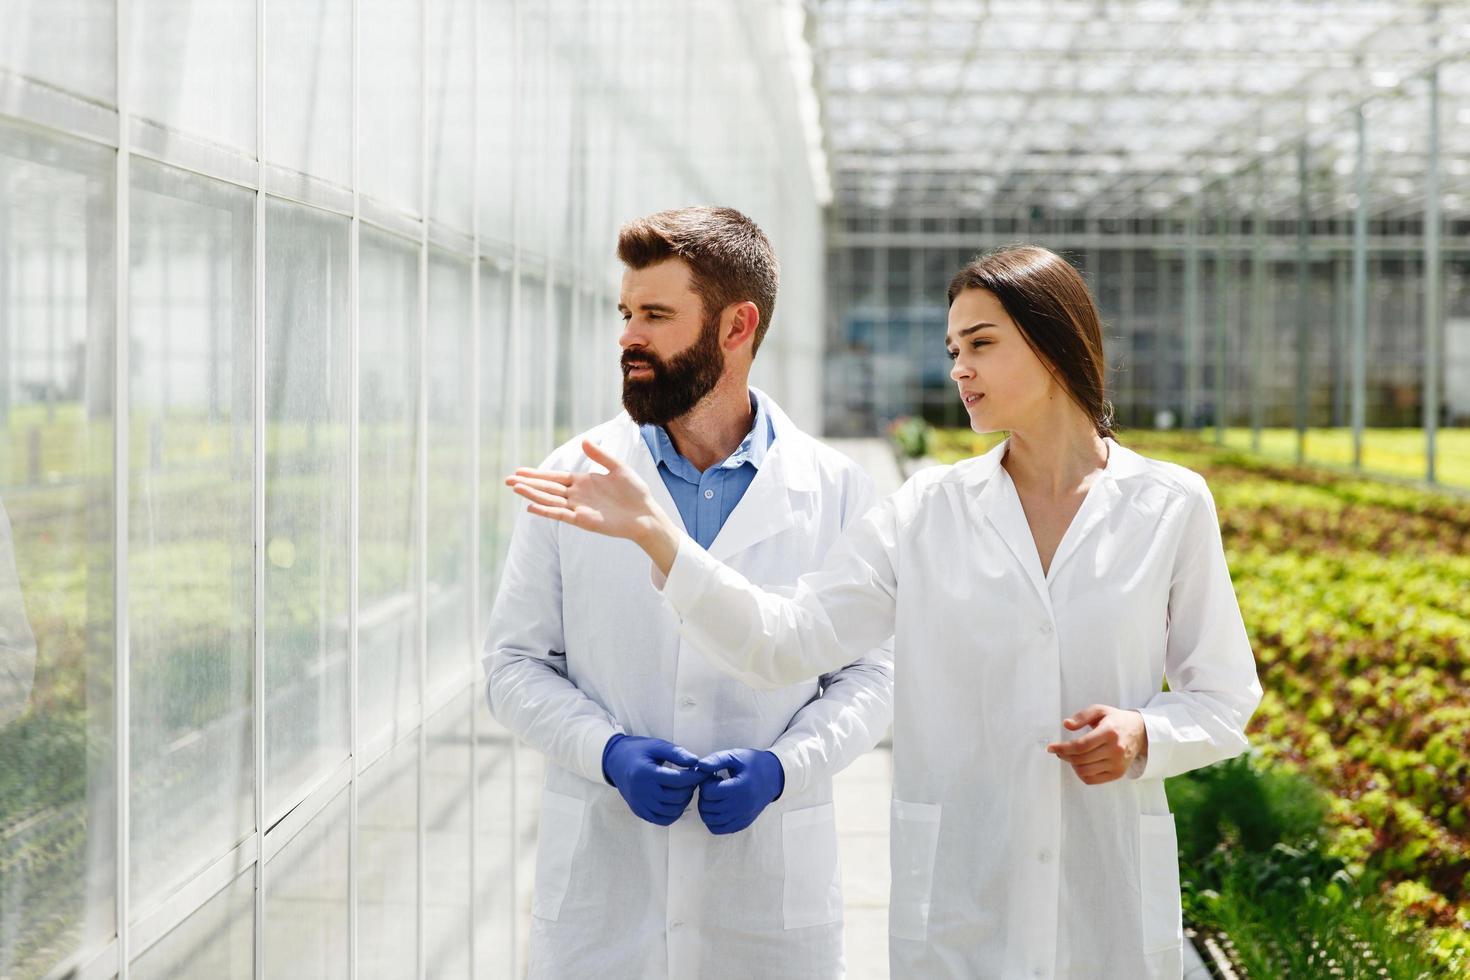 twee onderzoekers in laboratoriumjassen lopen door de kas foto